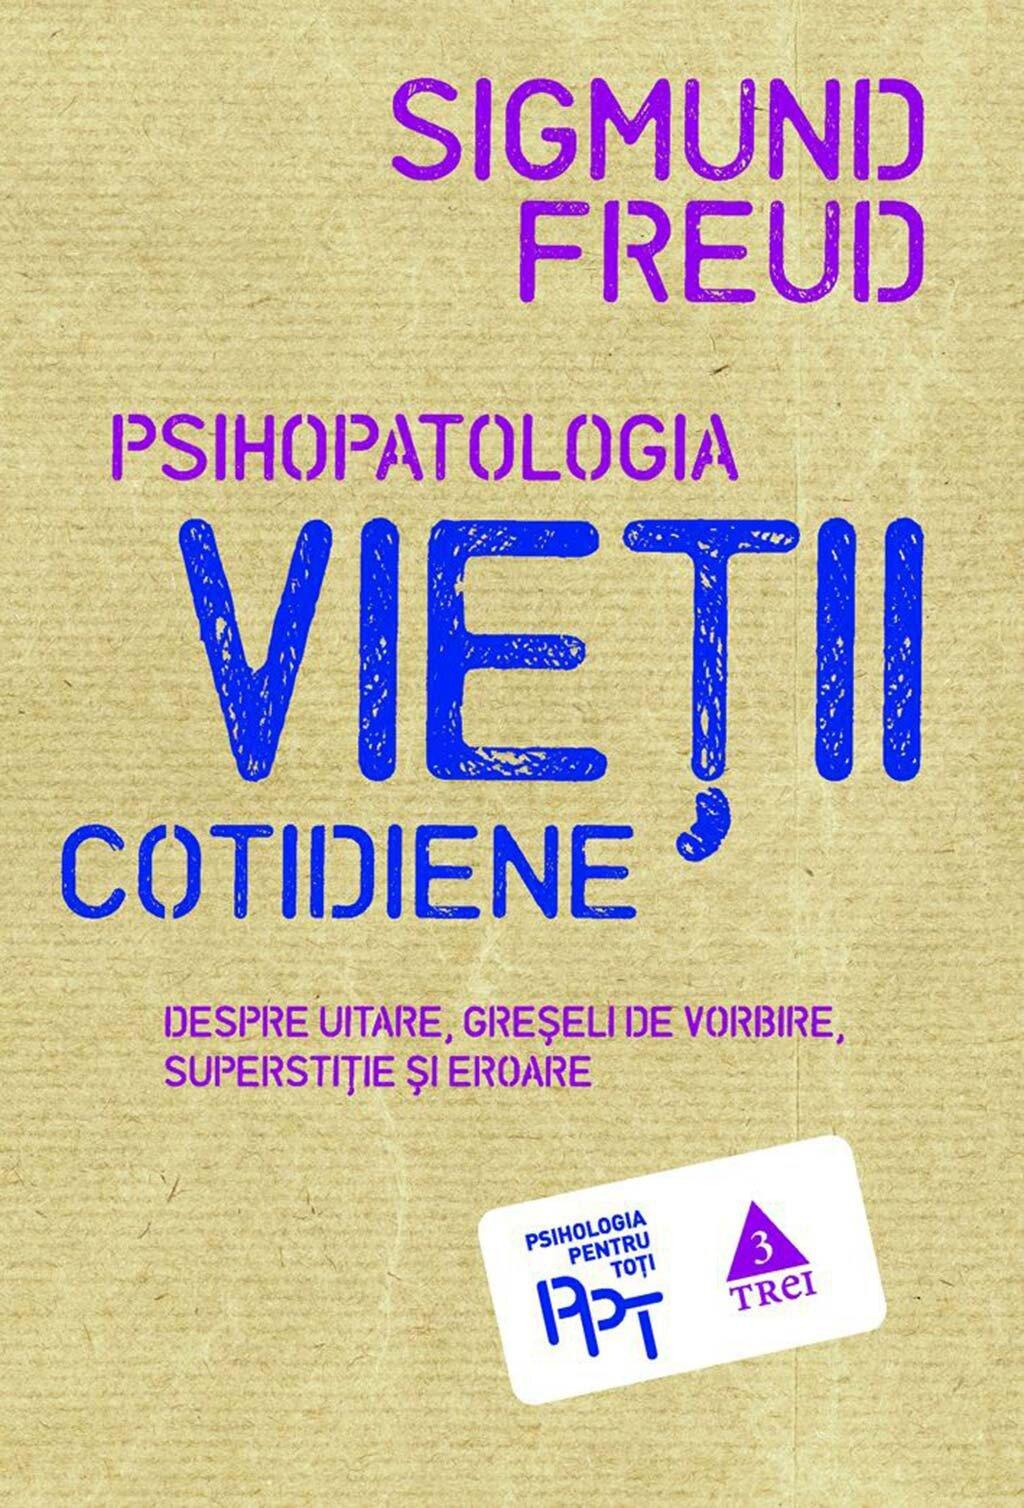 Psihopatologia vietii cotidiene (despre uitare, greseala de vorbire, superstitie si eroare) (eBook)